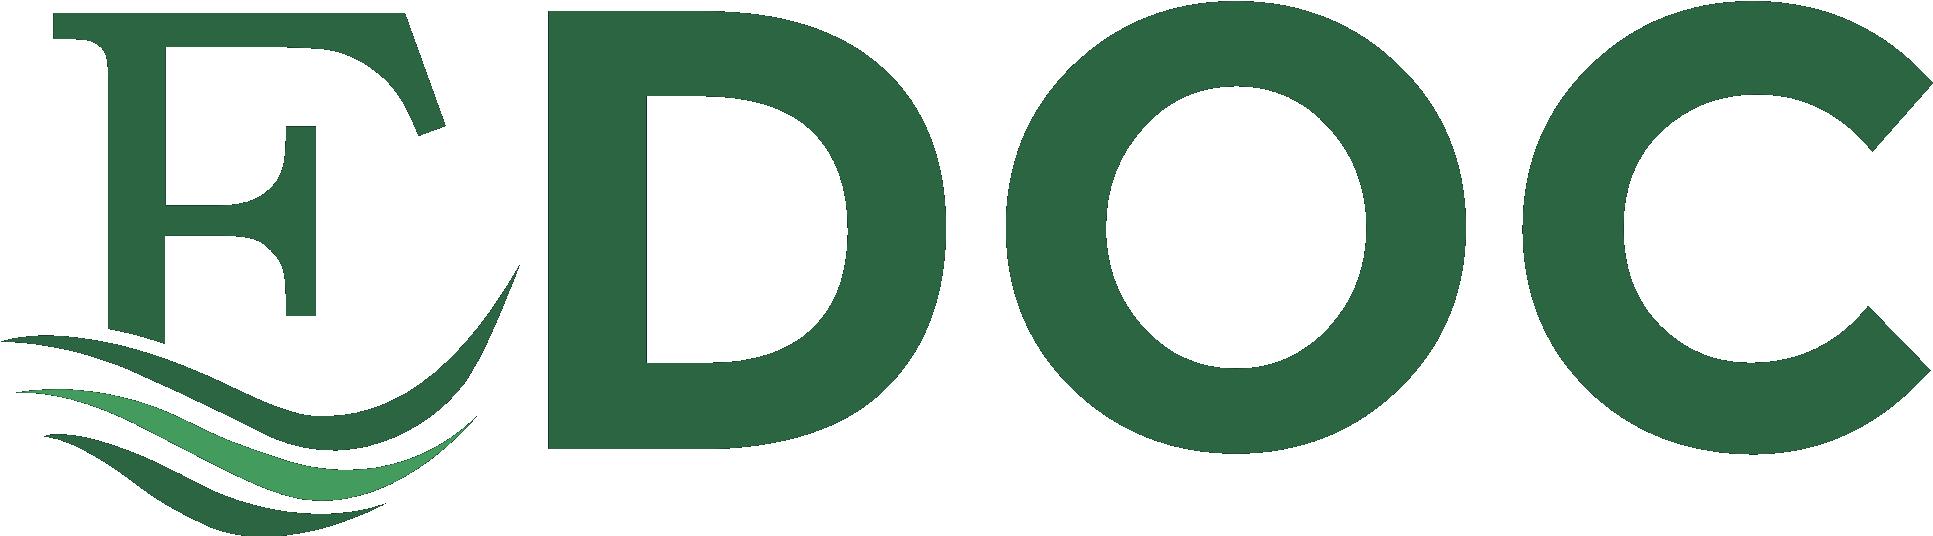 szemvizsgálat betűvel p